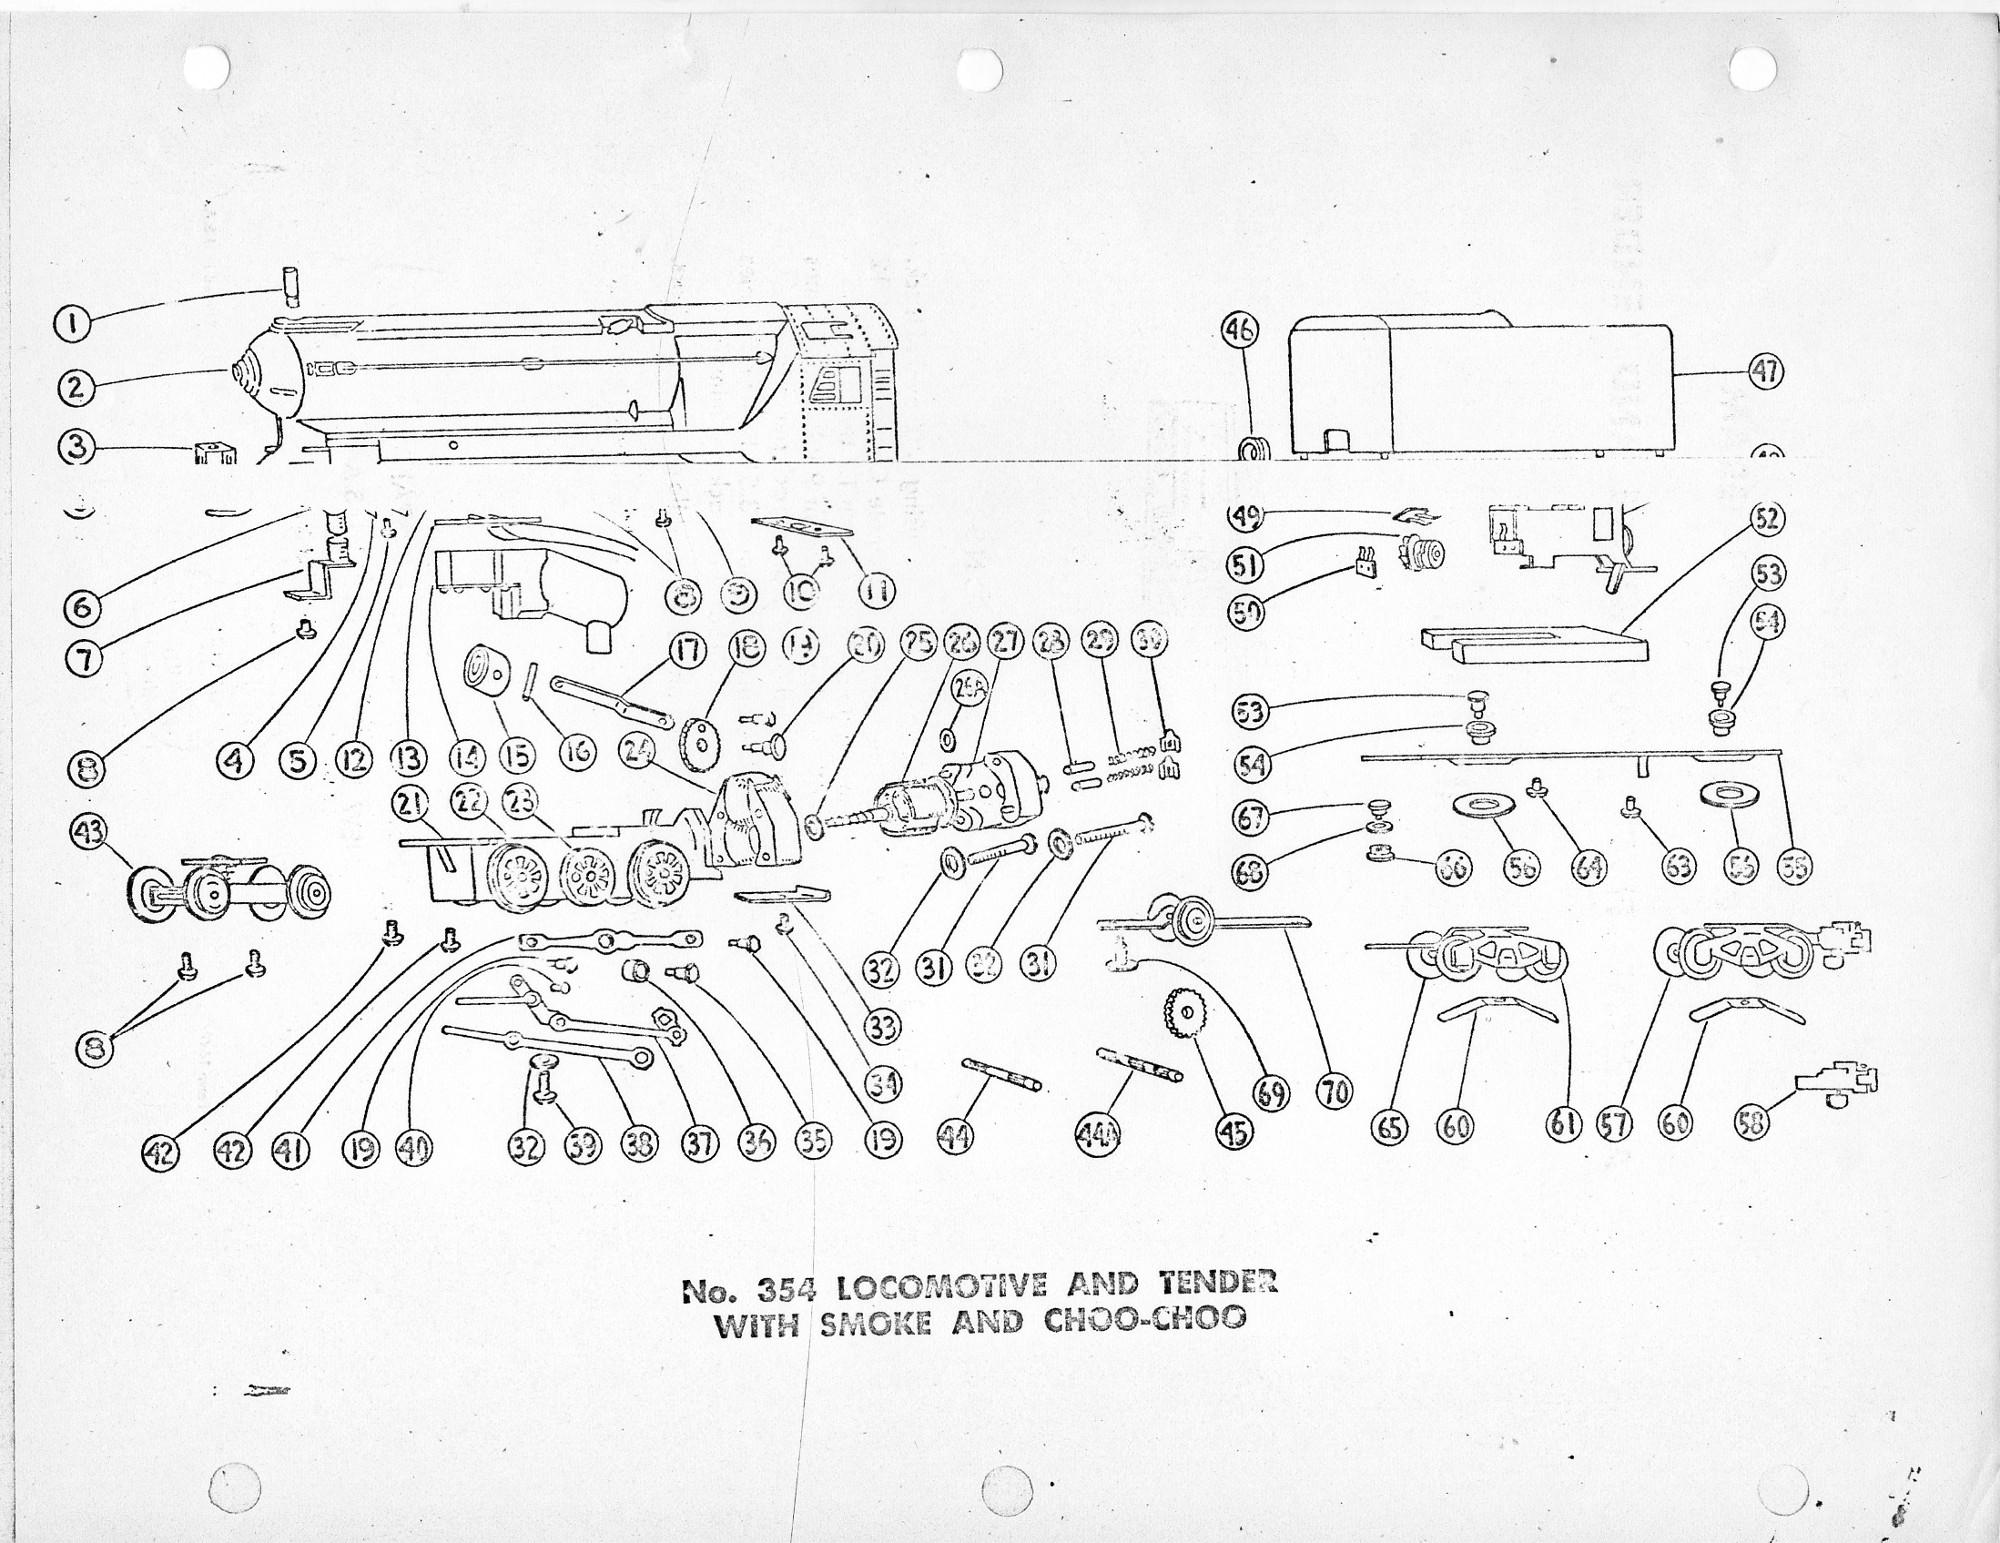 American Flyer Locomotive & Tender 354 Parts List & Diagram - Page 2